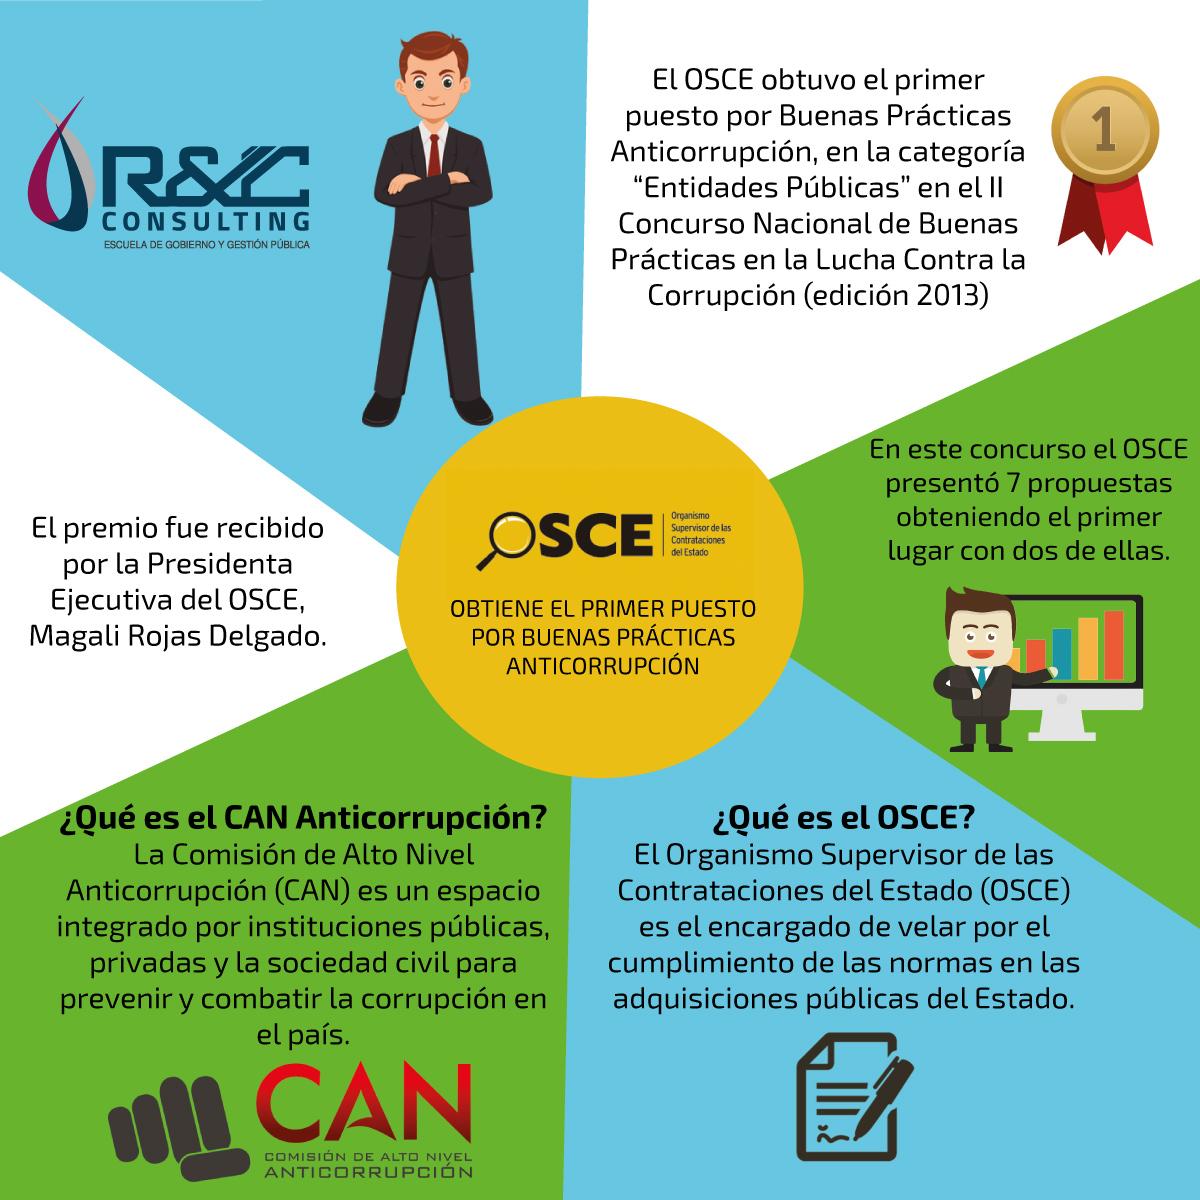 722800e502bb OSCE obtiene el primer puesto por Buenas Prácticas Anticorrupción